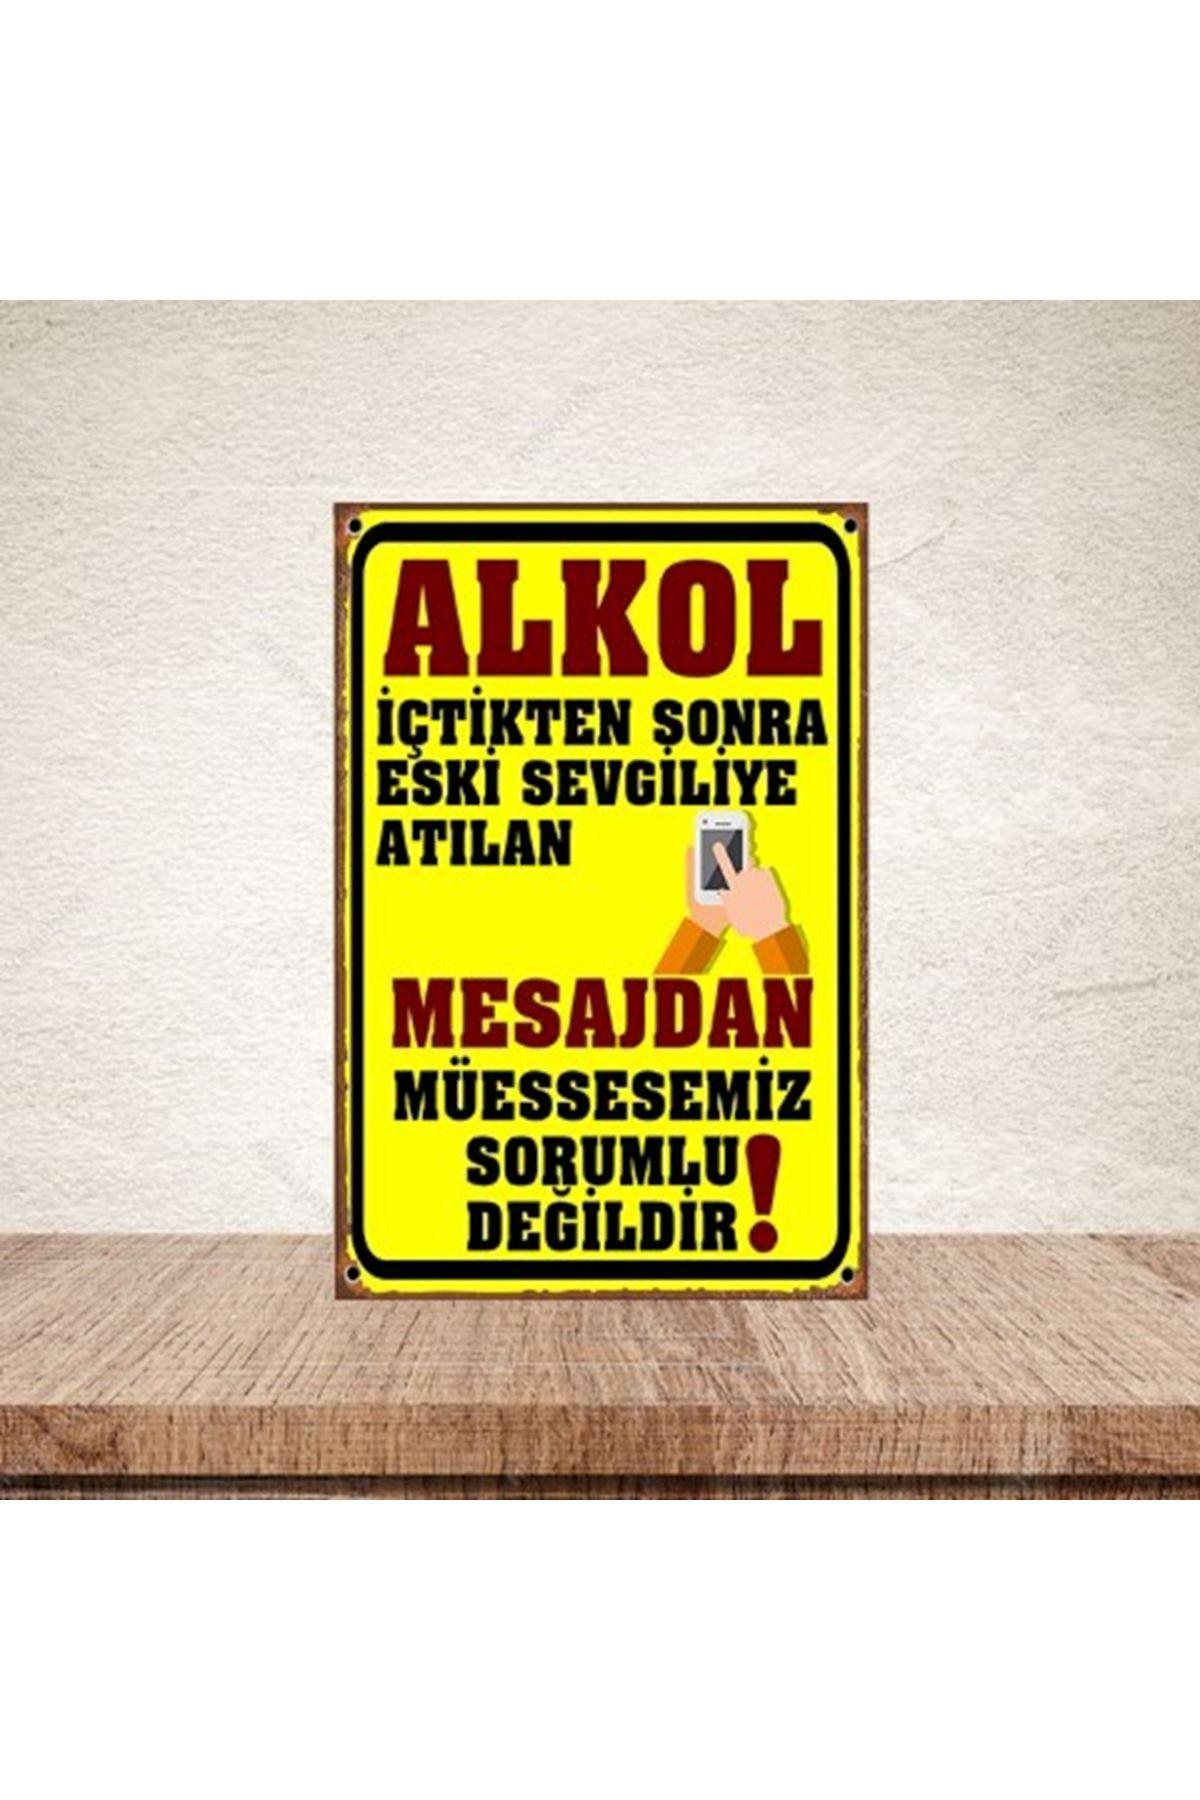 ALKOL İÇTİKTEN SONRA - AHŞAP POSTER